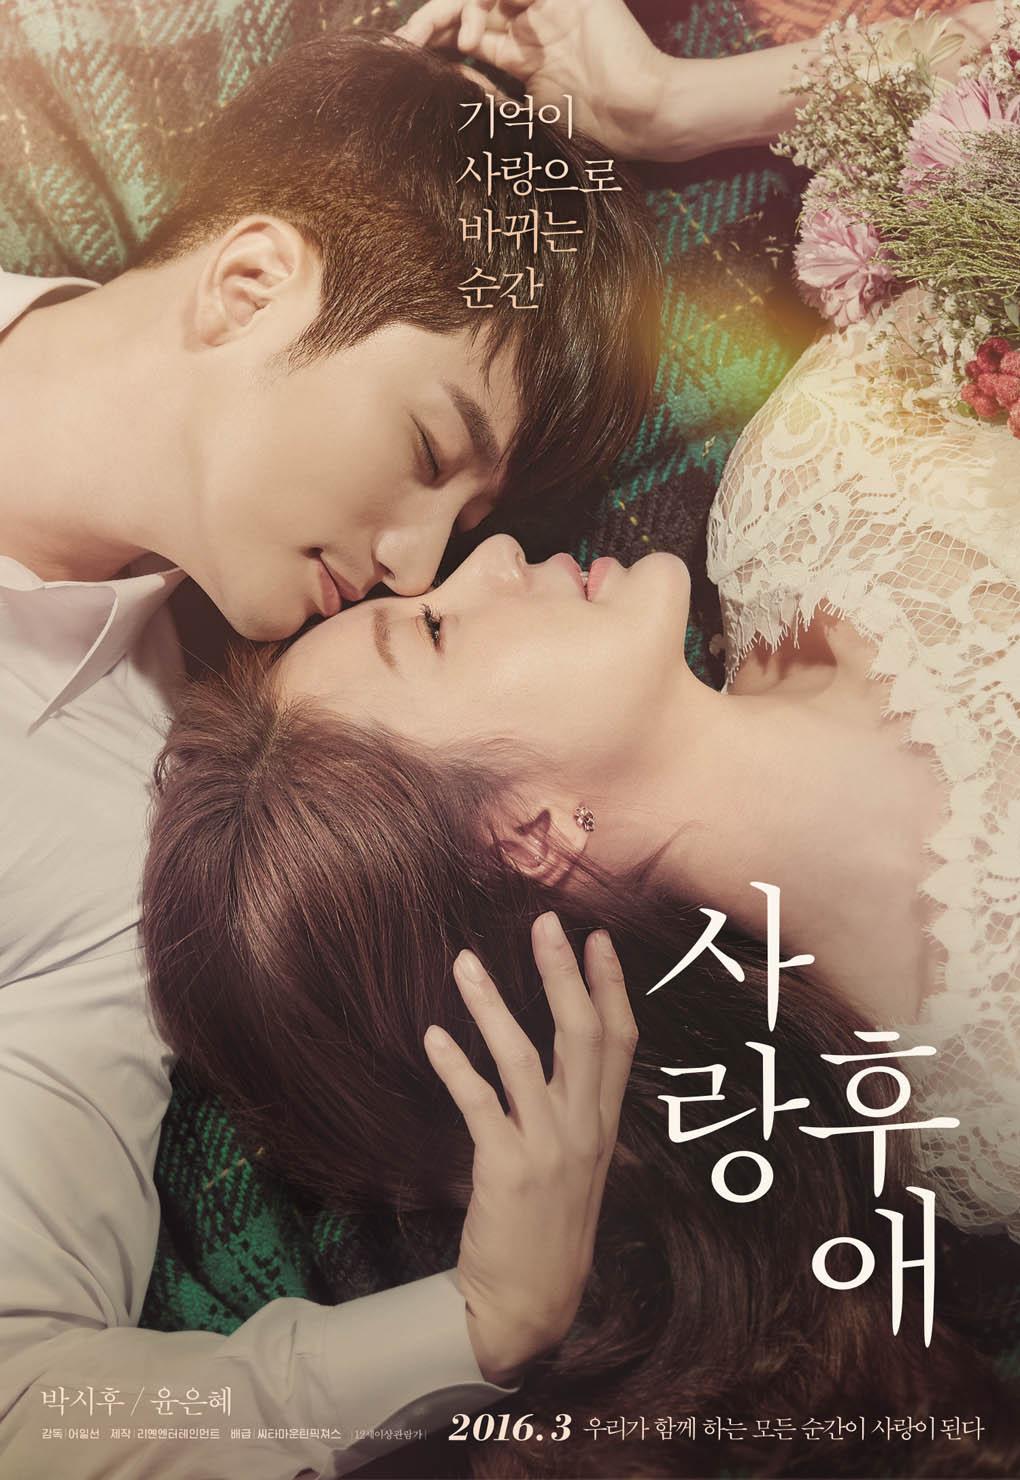 朴施厚尹恩惠《愛後愛》三月上映 公開唯美海報